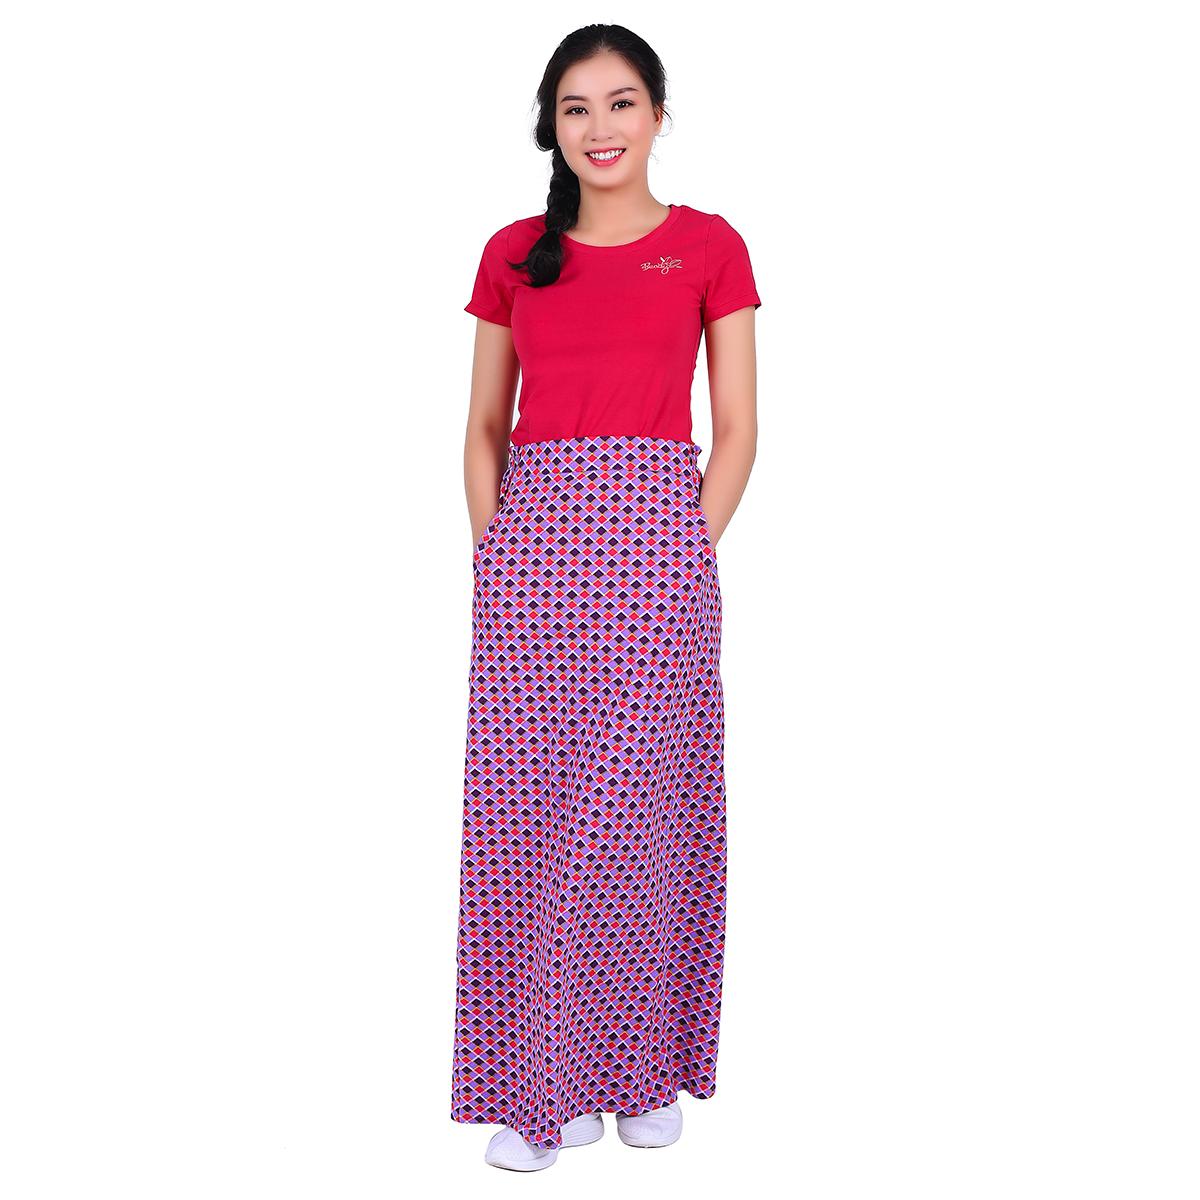 Váy chống nắng  cao cấp paltal vcn 022p 0037